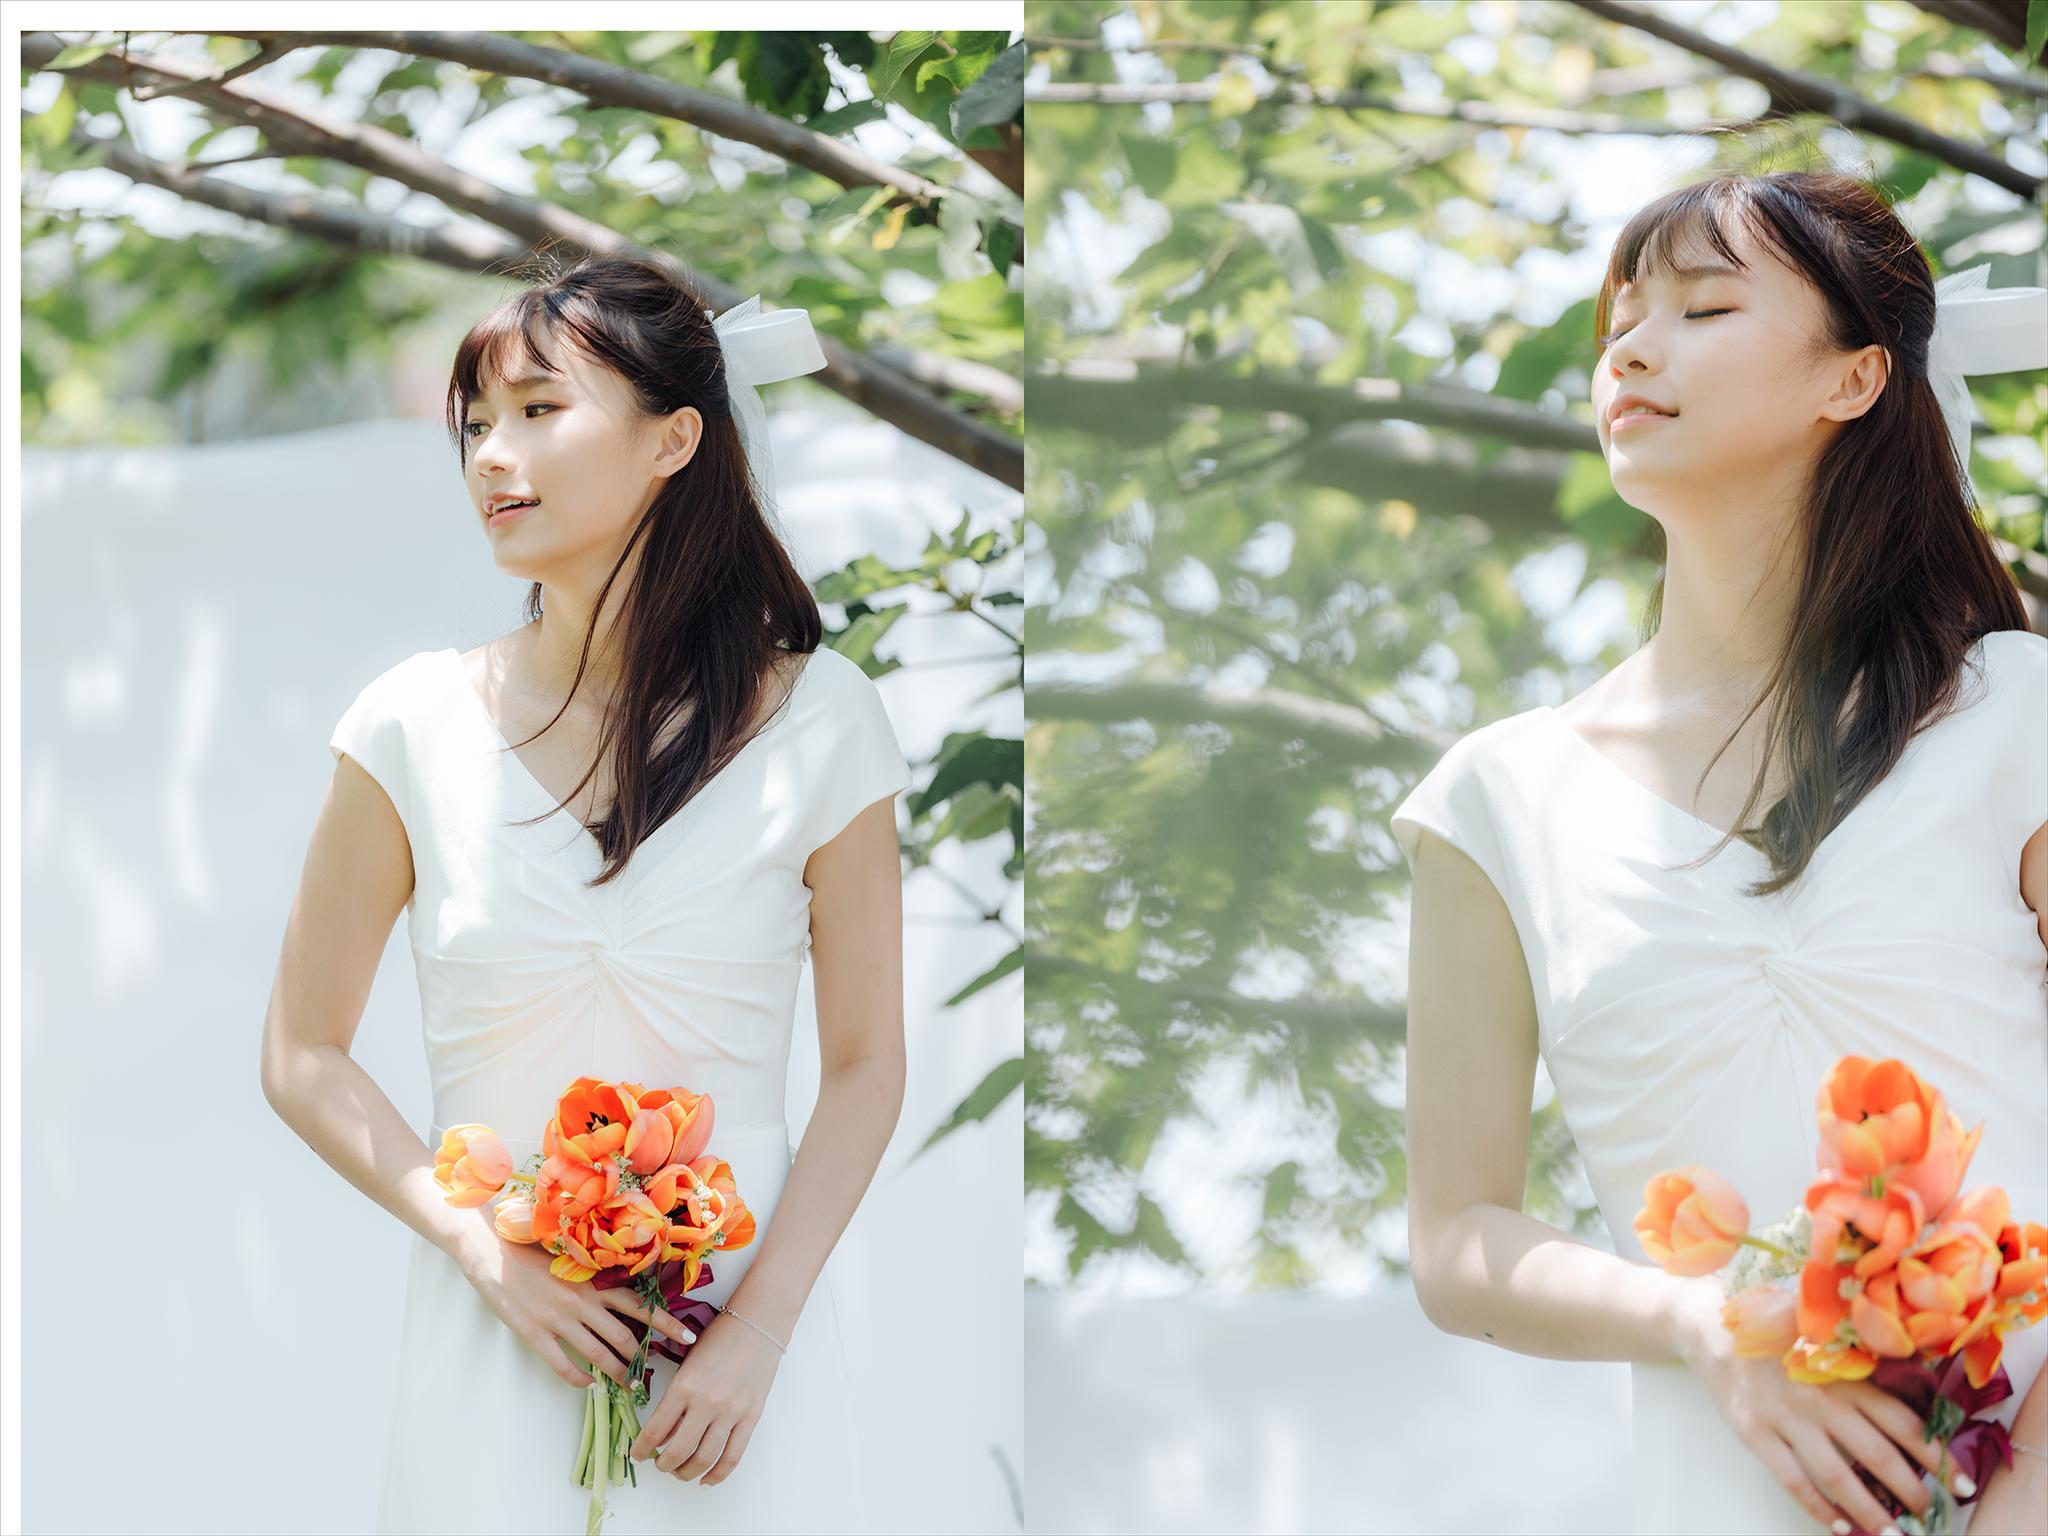 50081456643 8b1cf574bd o - 【自主婚紗】+Mei+